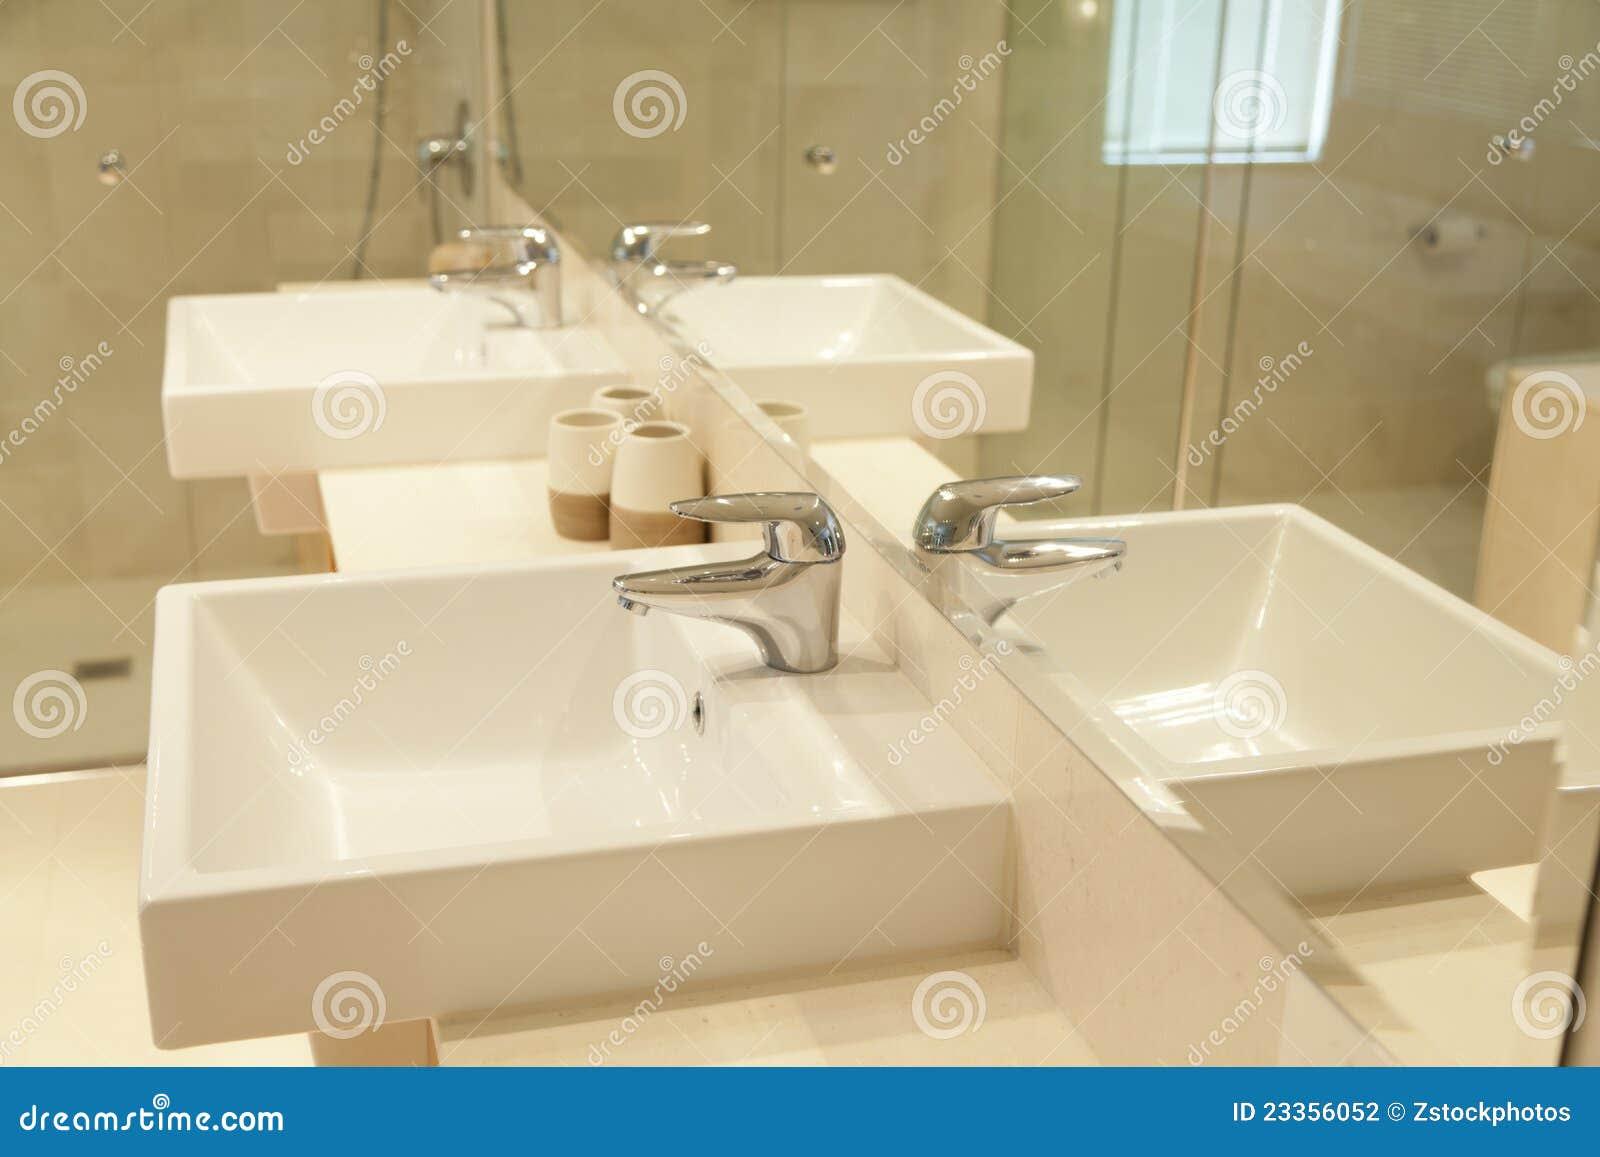 Twin Bathroom Sinks Stock Photography - Image: 23356052